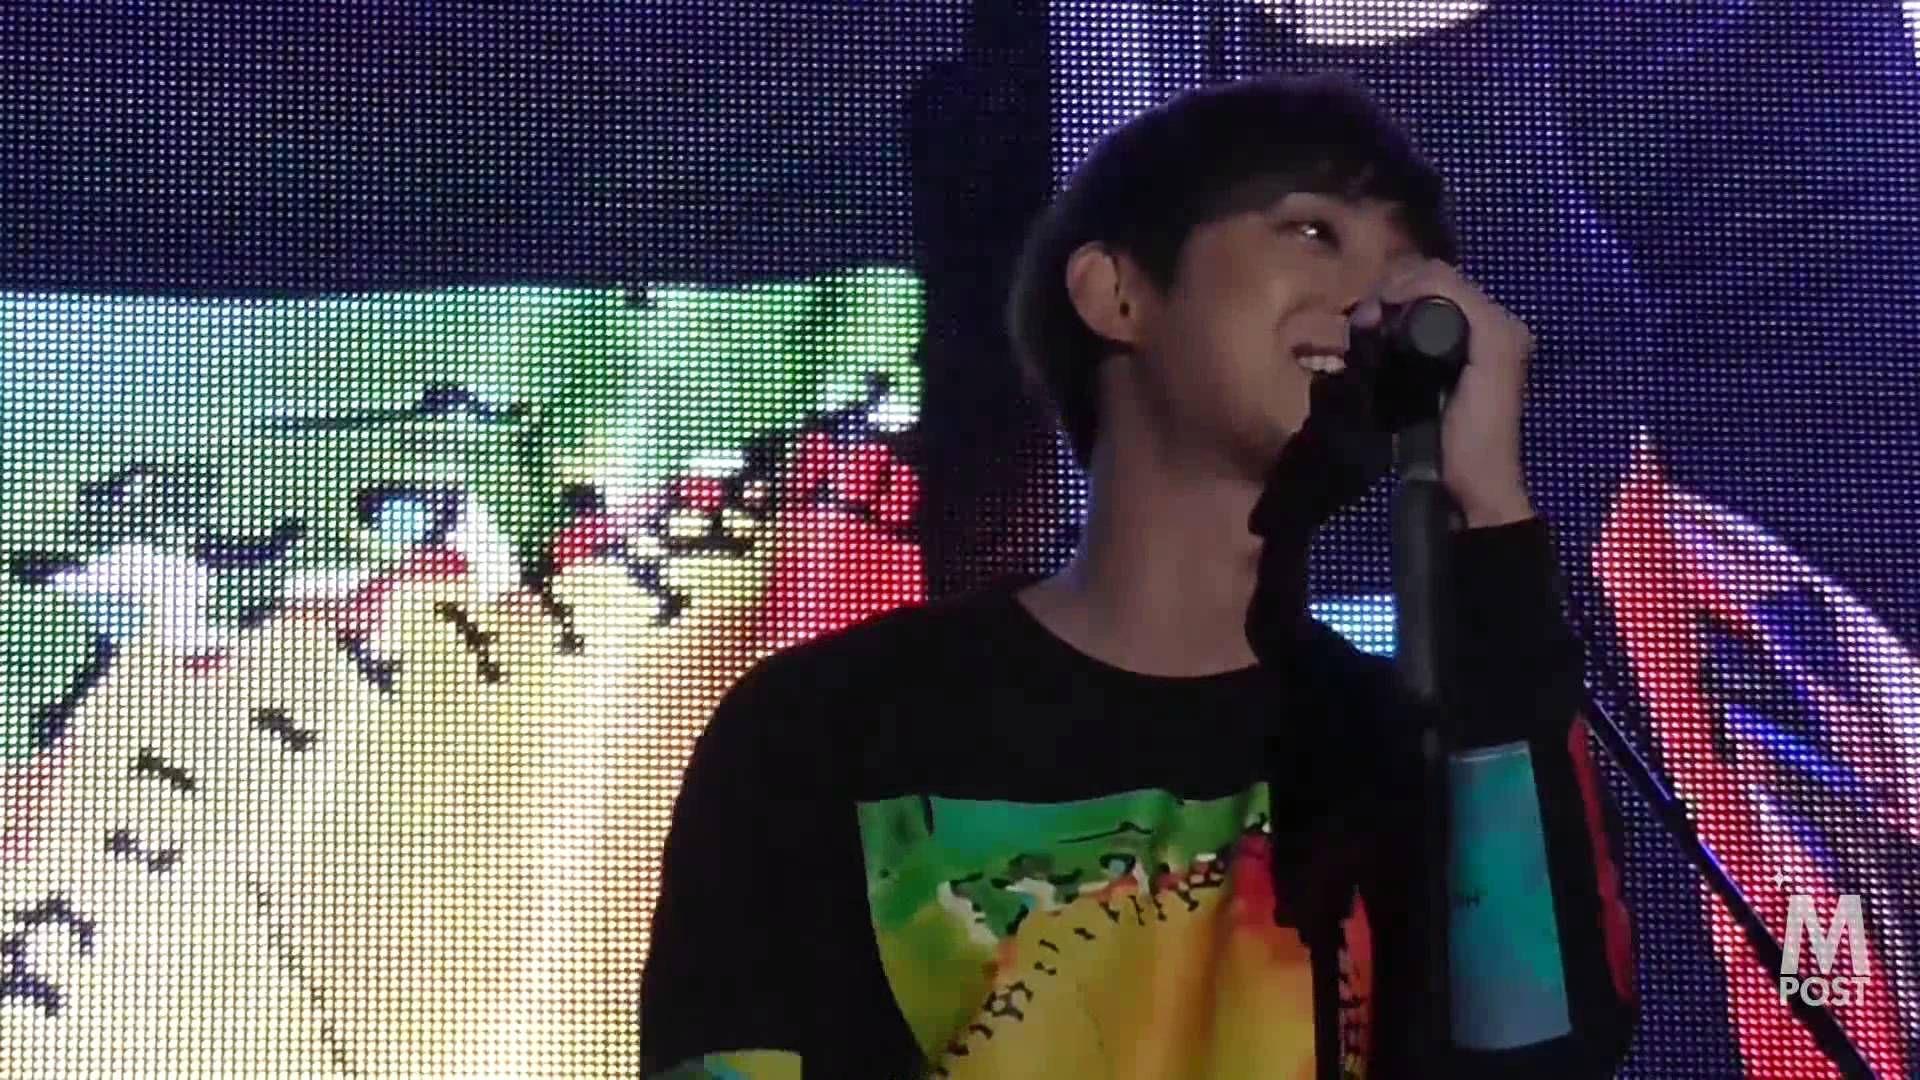 【韓流Mpost】キム・ヒョンジュン 20140928 日韓交流おまつり K-POPコンサート